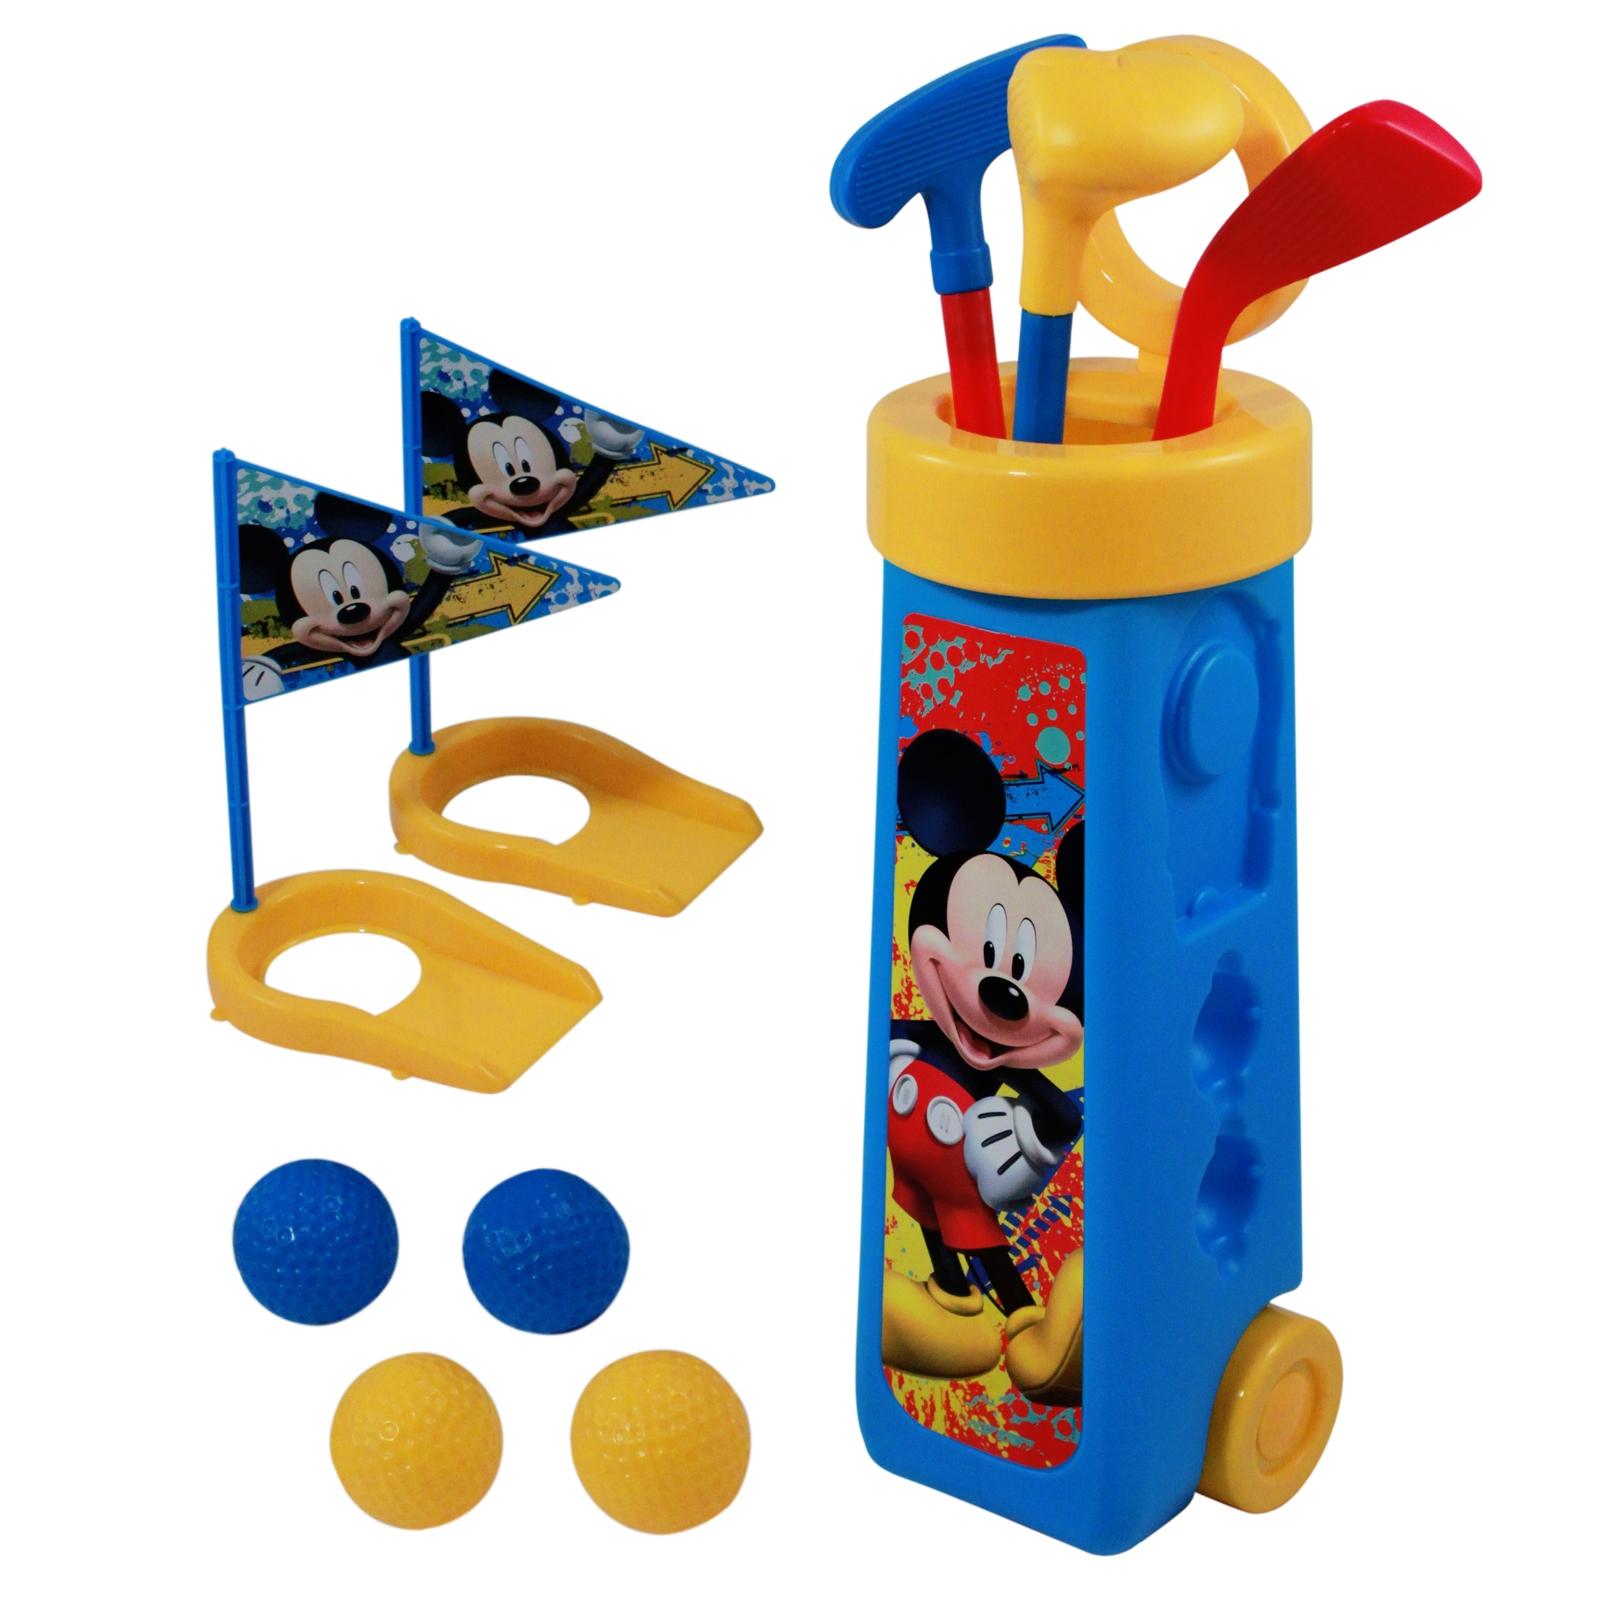 Mickey Mouse kids golf kids clubs toddler golf golf set